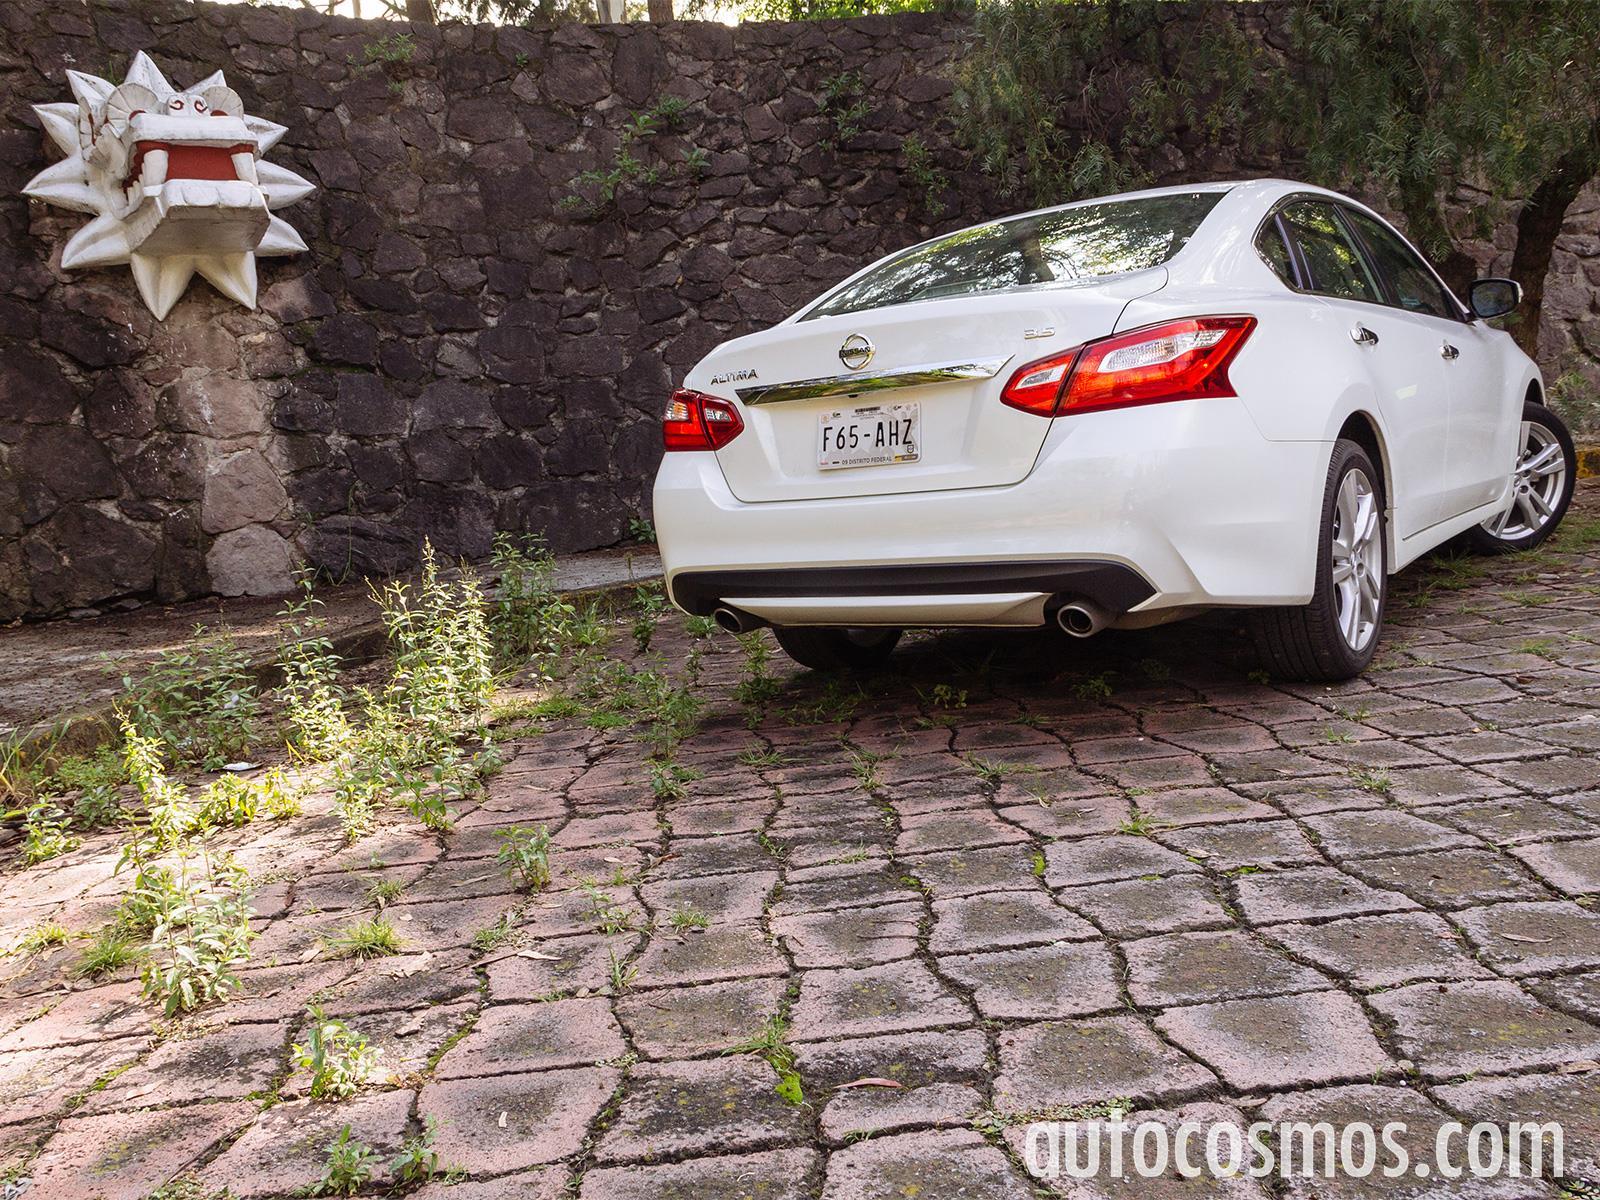 Nissan Altima 2017 a prueba - Autocosmos.com